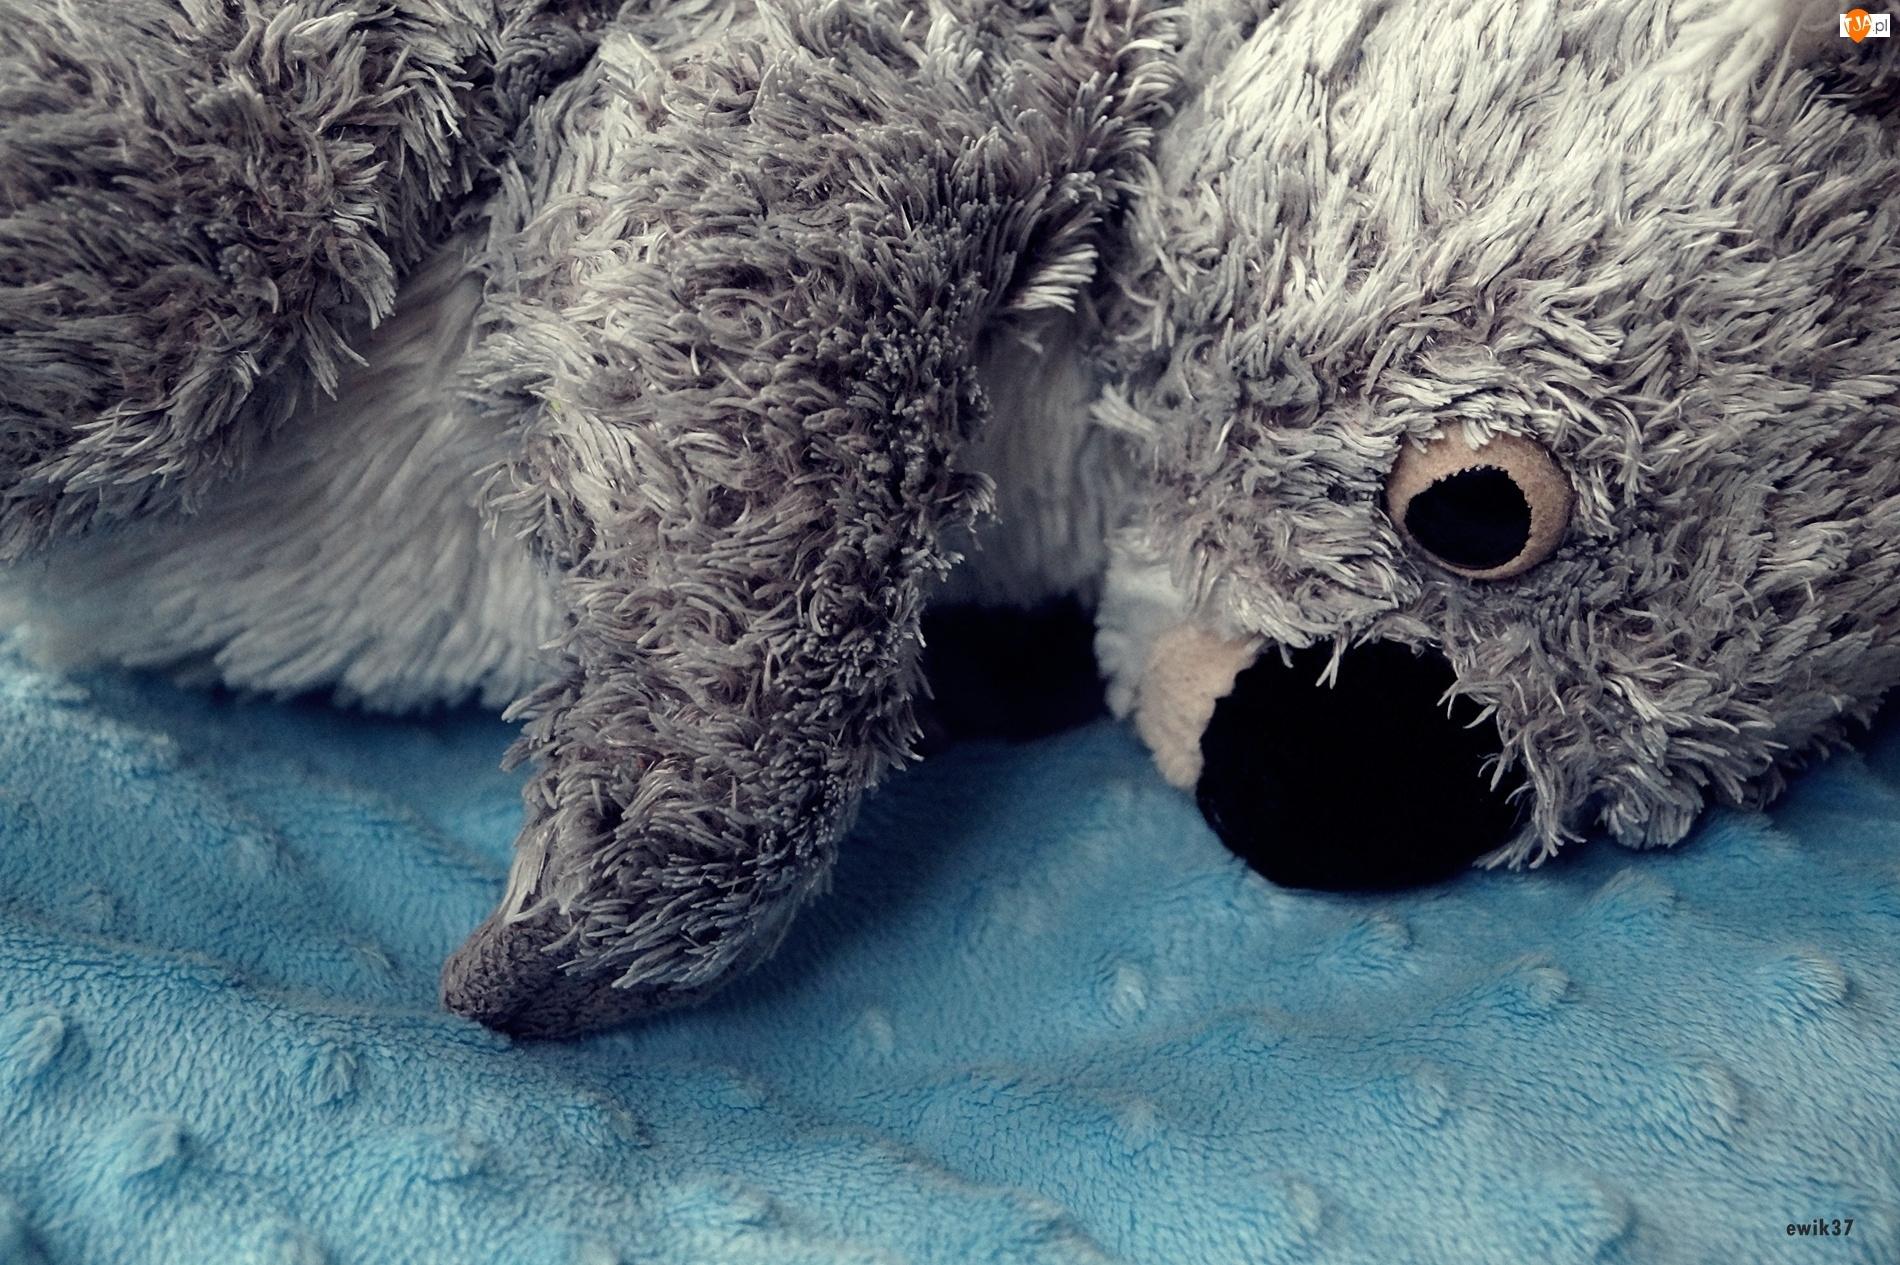 Koala, Pluszowy, Miś